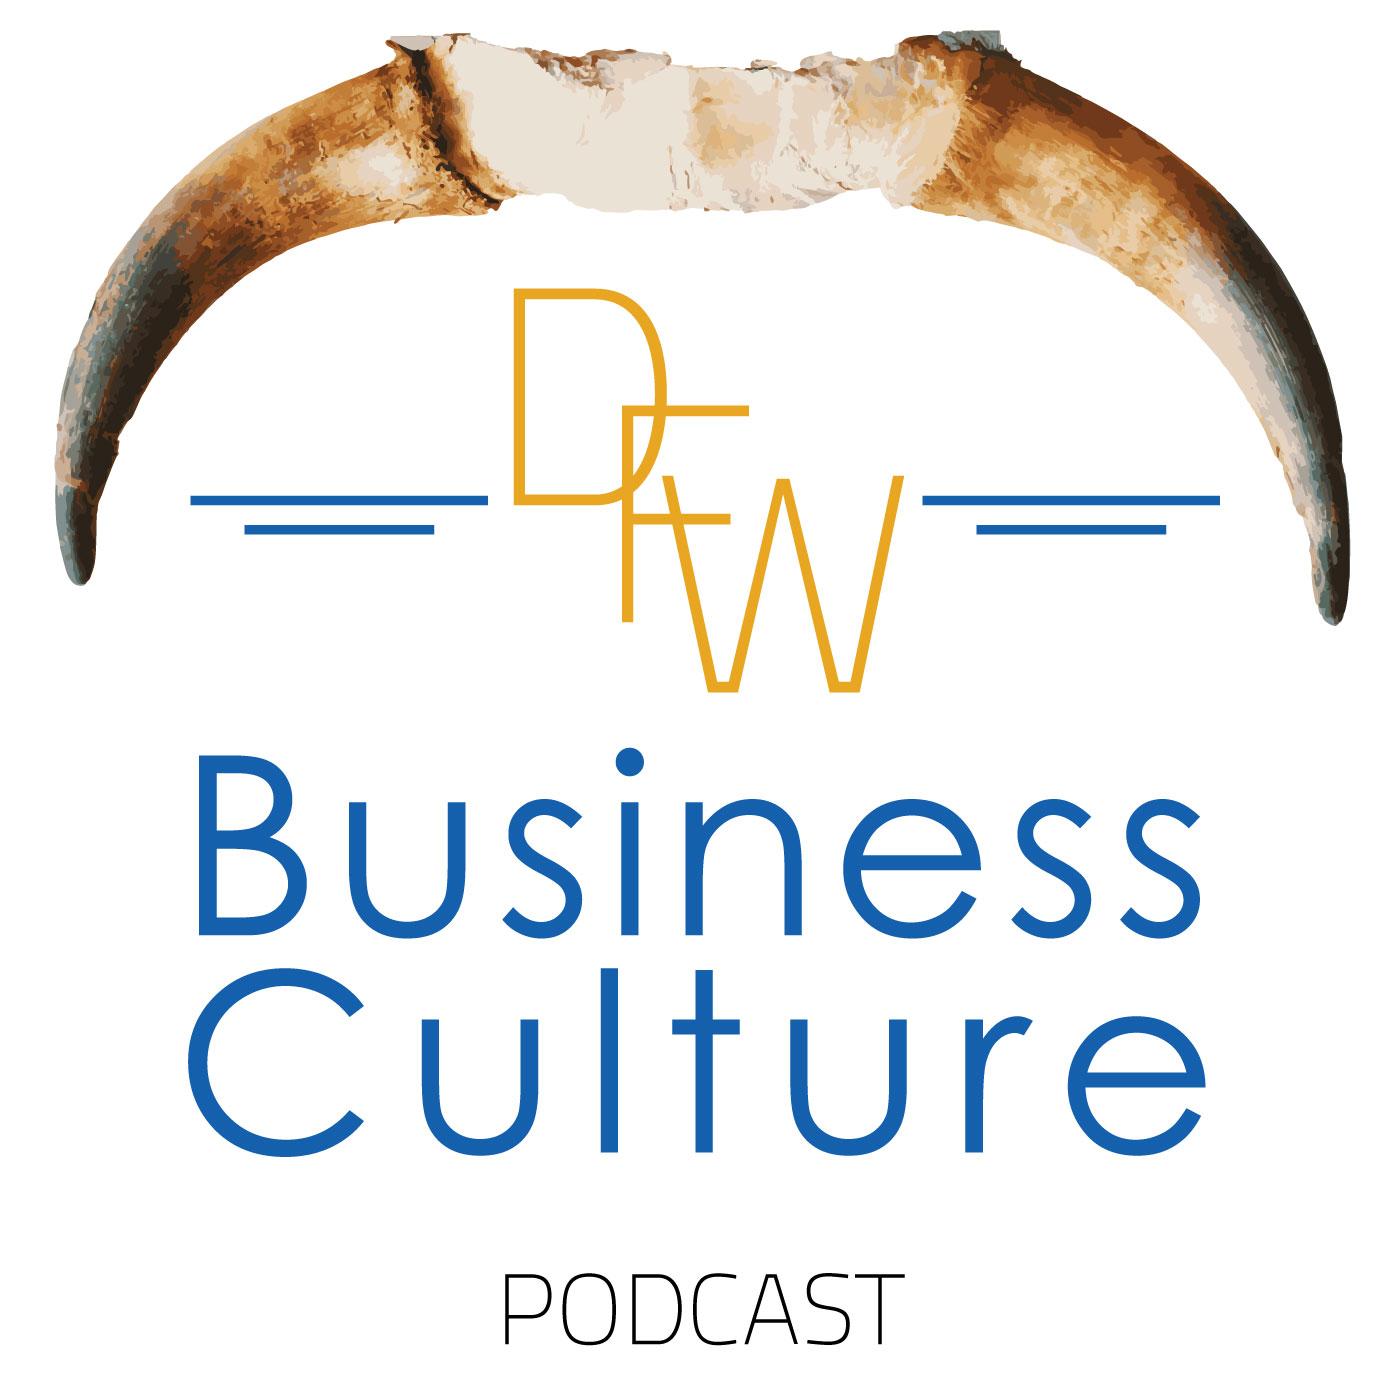 DFW Business Culture show art